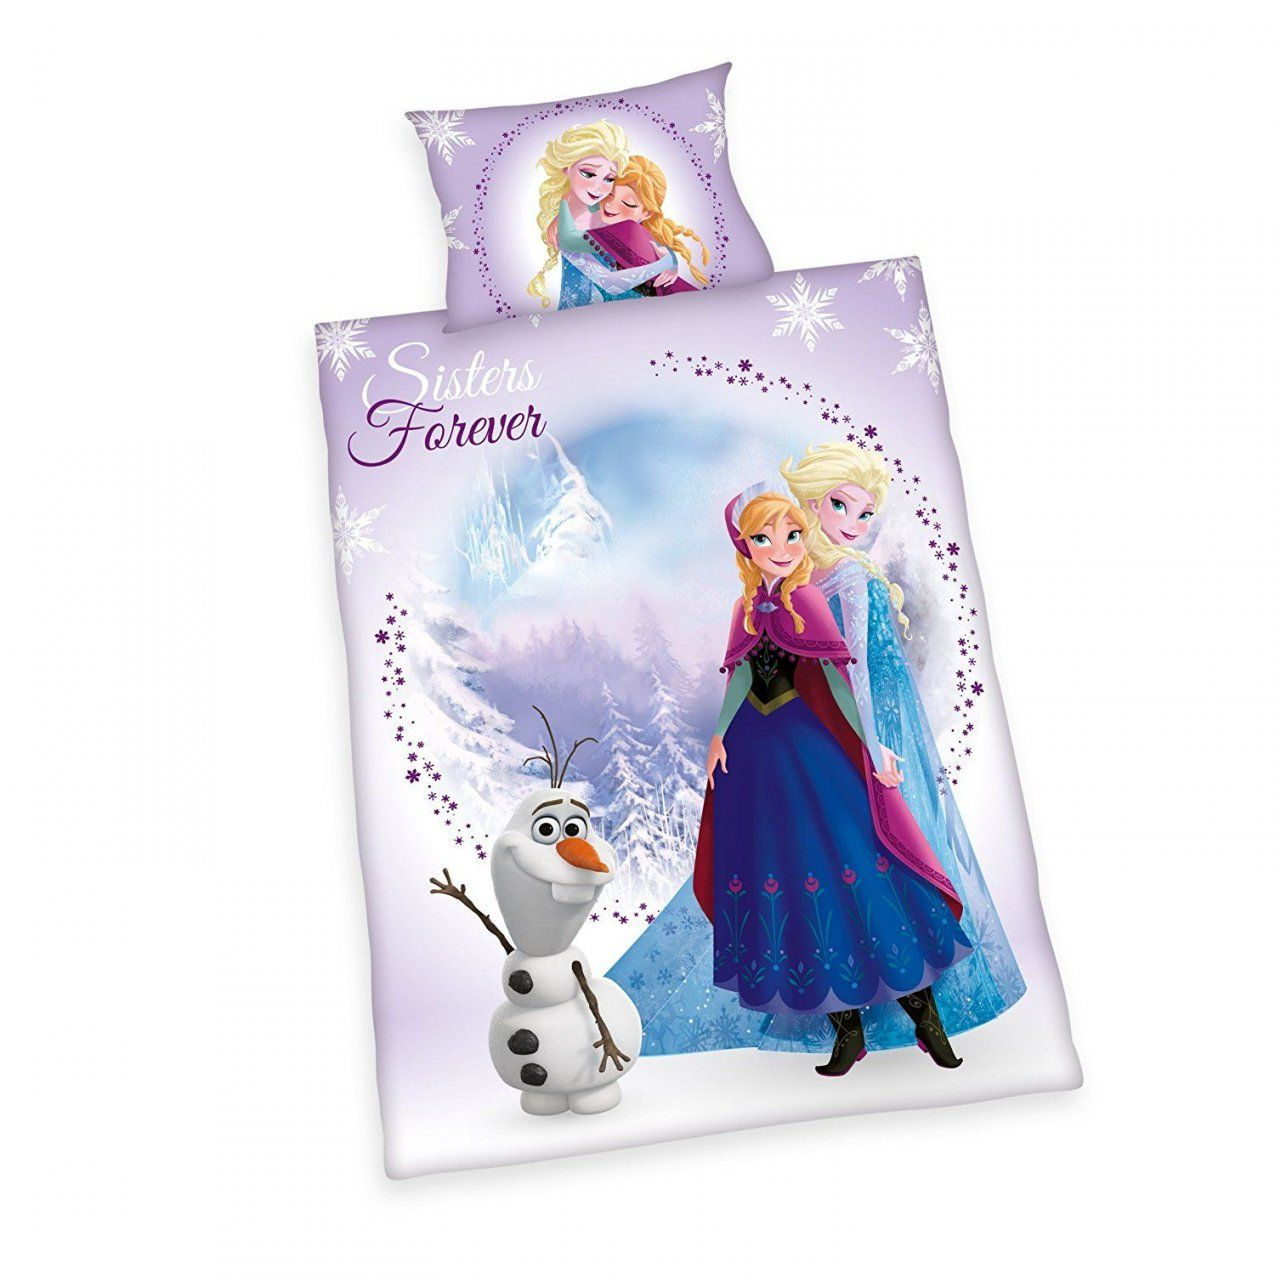 ❄ Frozen Kinderzimmer Bettwäsche Disney's Eiskönigin  Frozen von Kinderbettwäsche Die Eiskönigin Photo